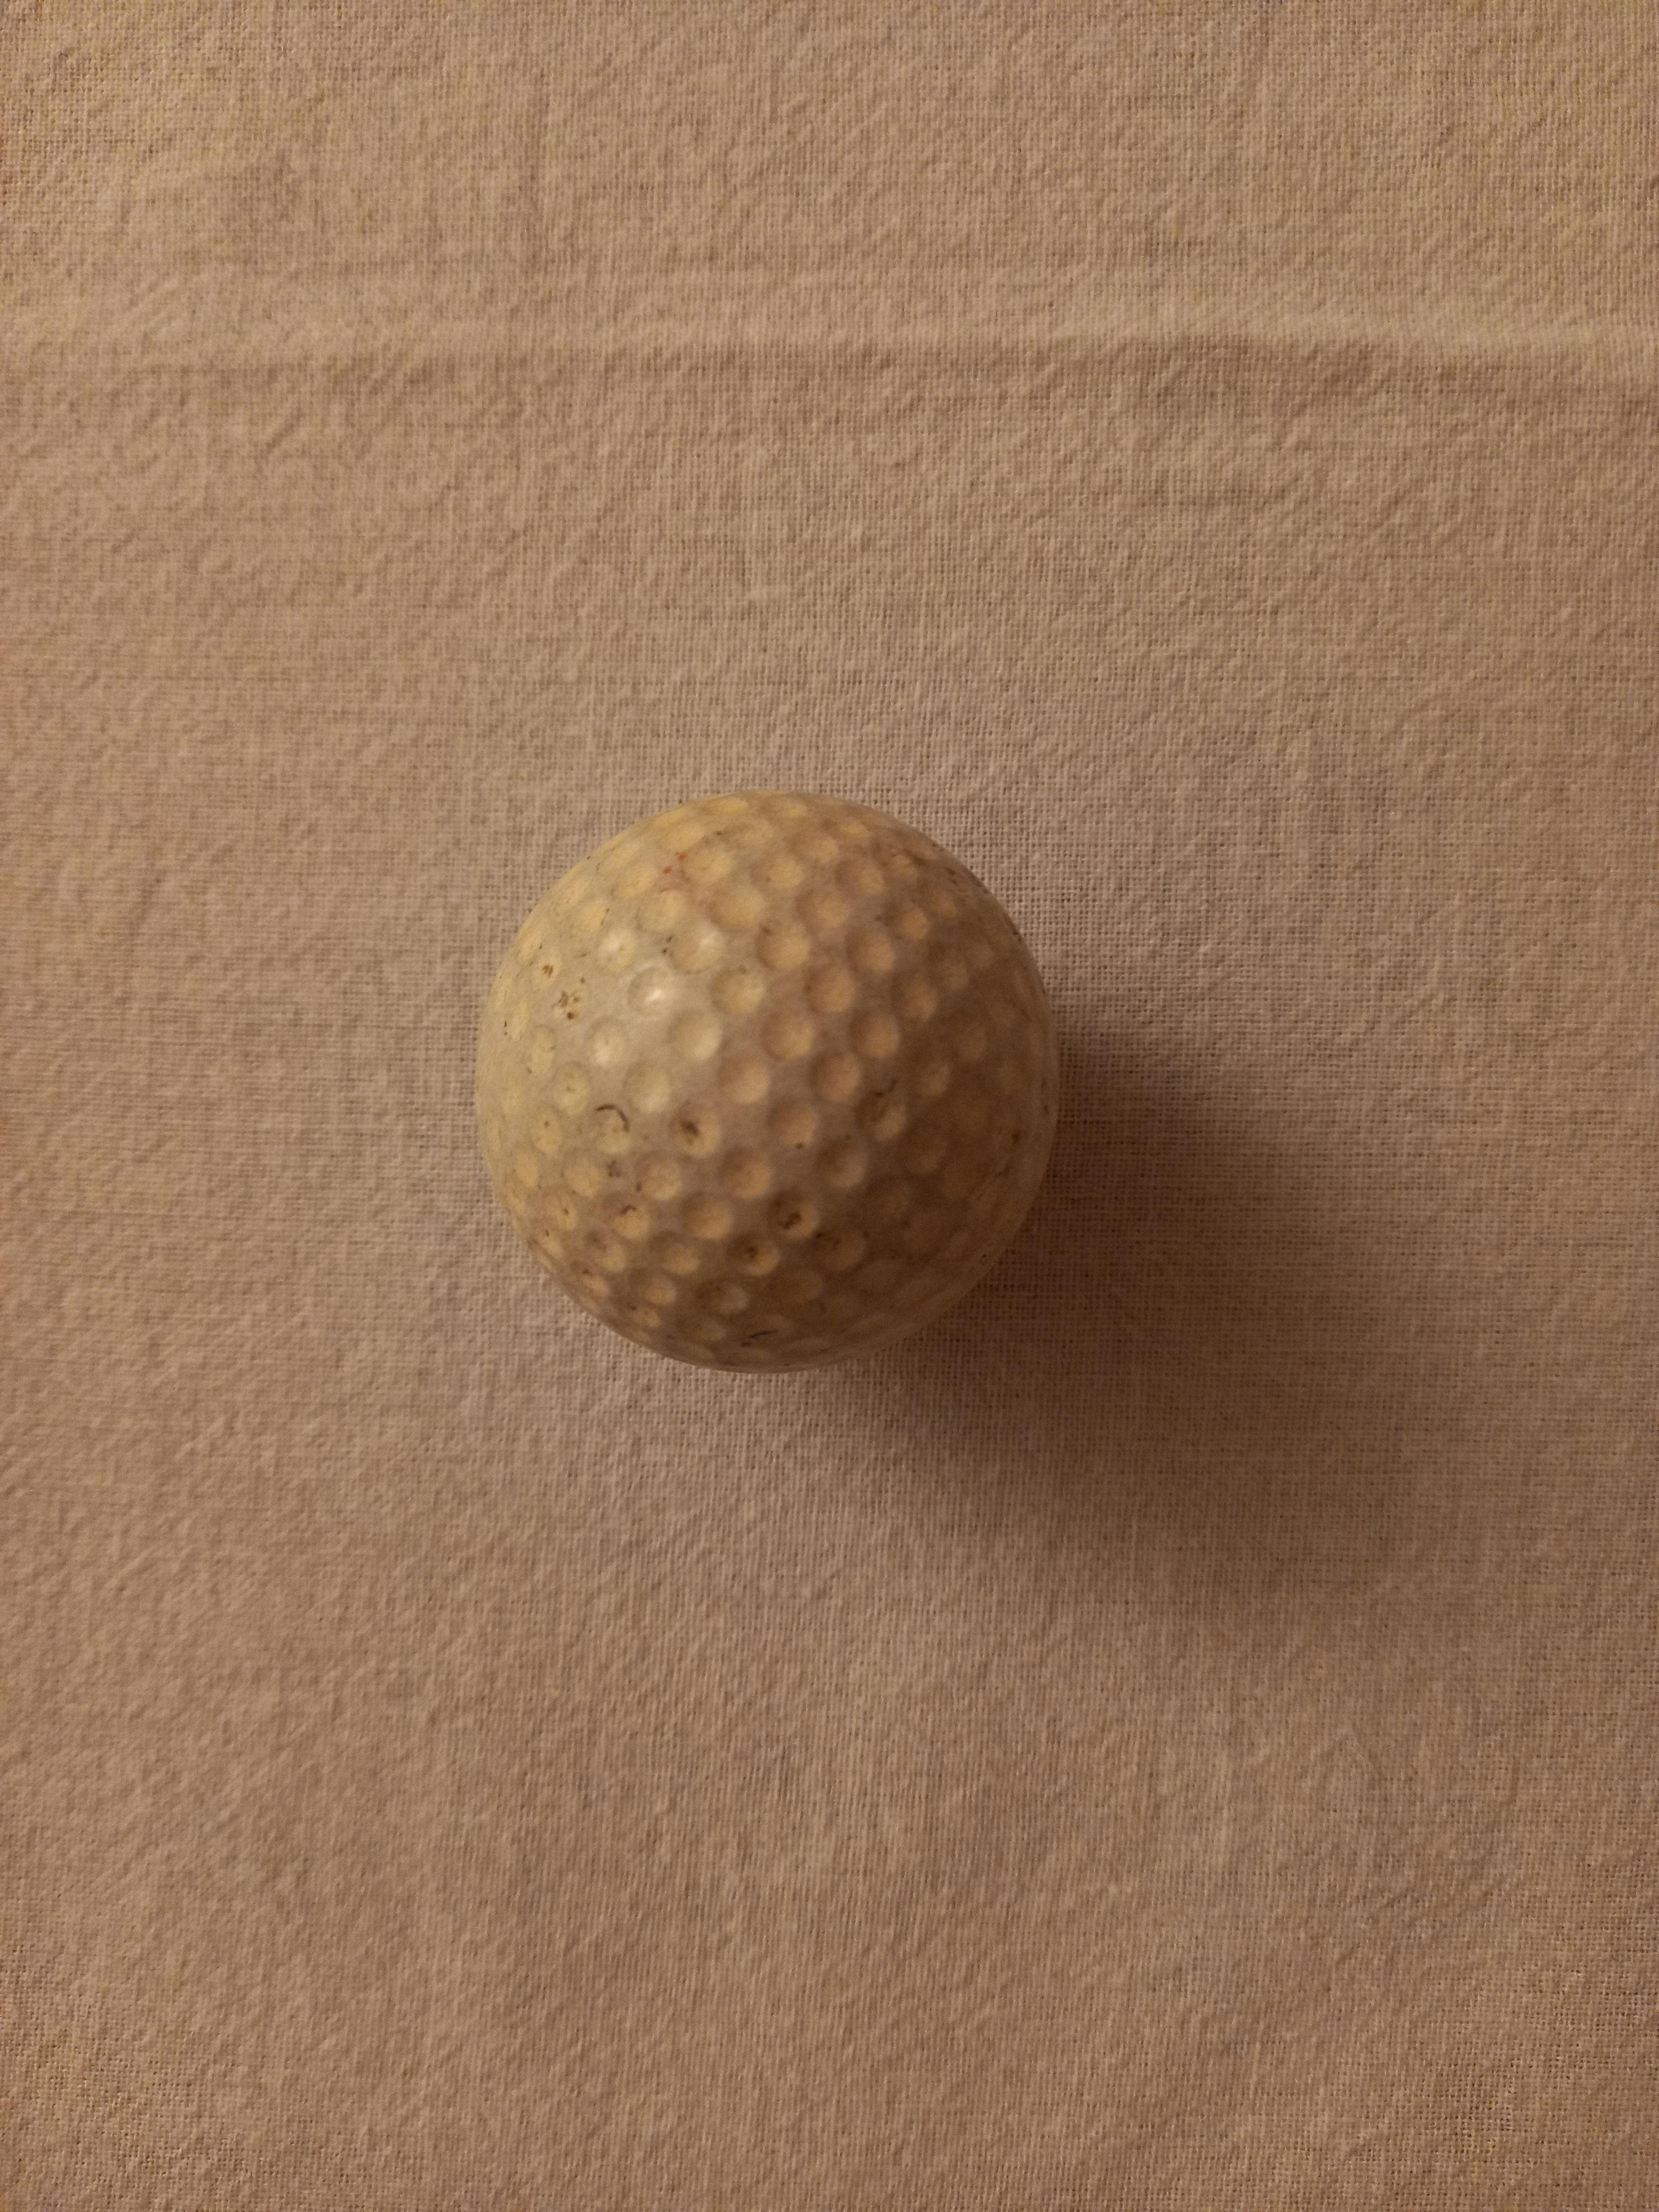 troc de troc balle de golf. image 0